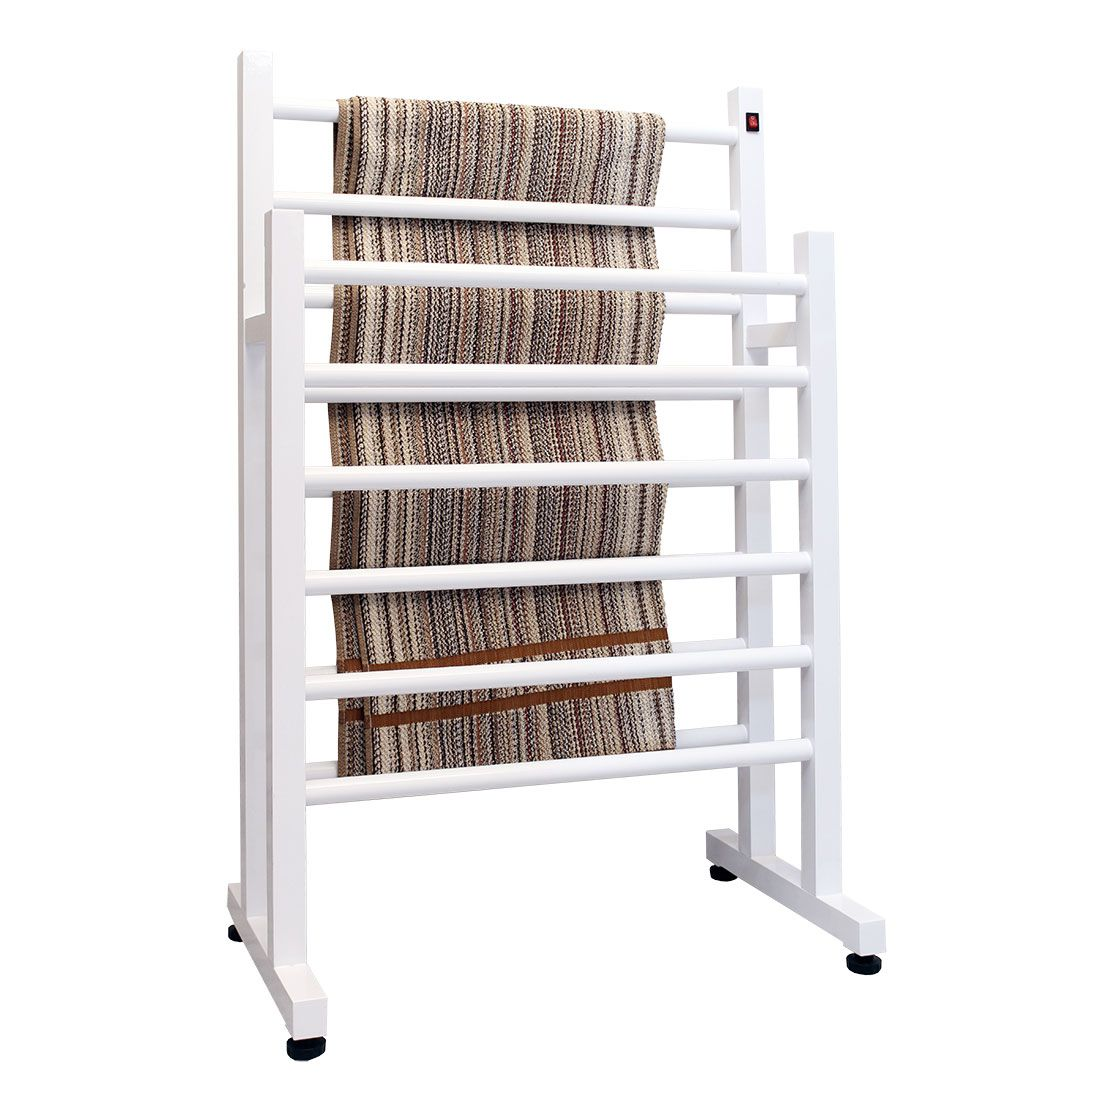 Toalheiro Térmico de Chão Duplo Branco 58x93cm KEBRDM para Banheiros e Lavabos